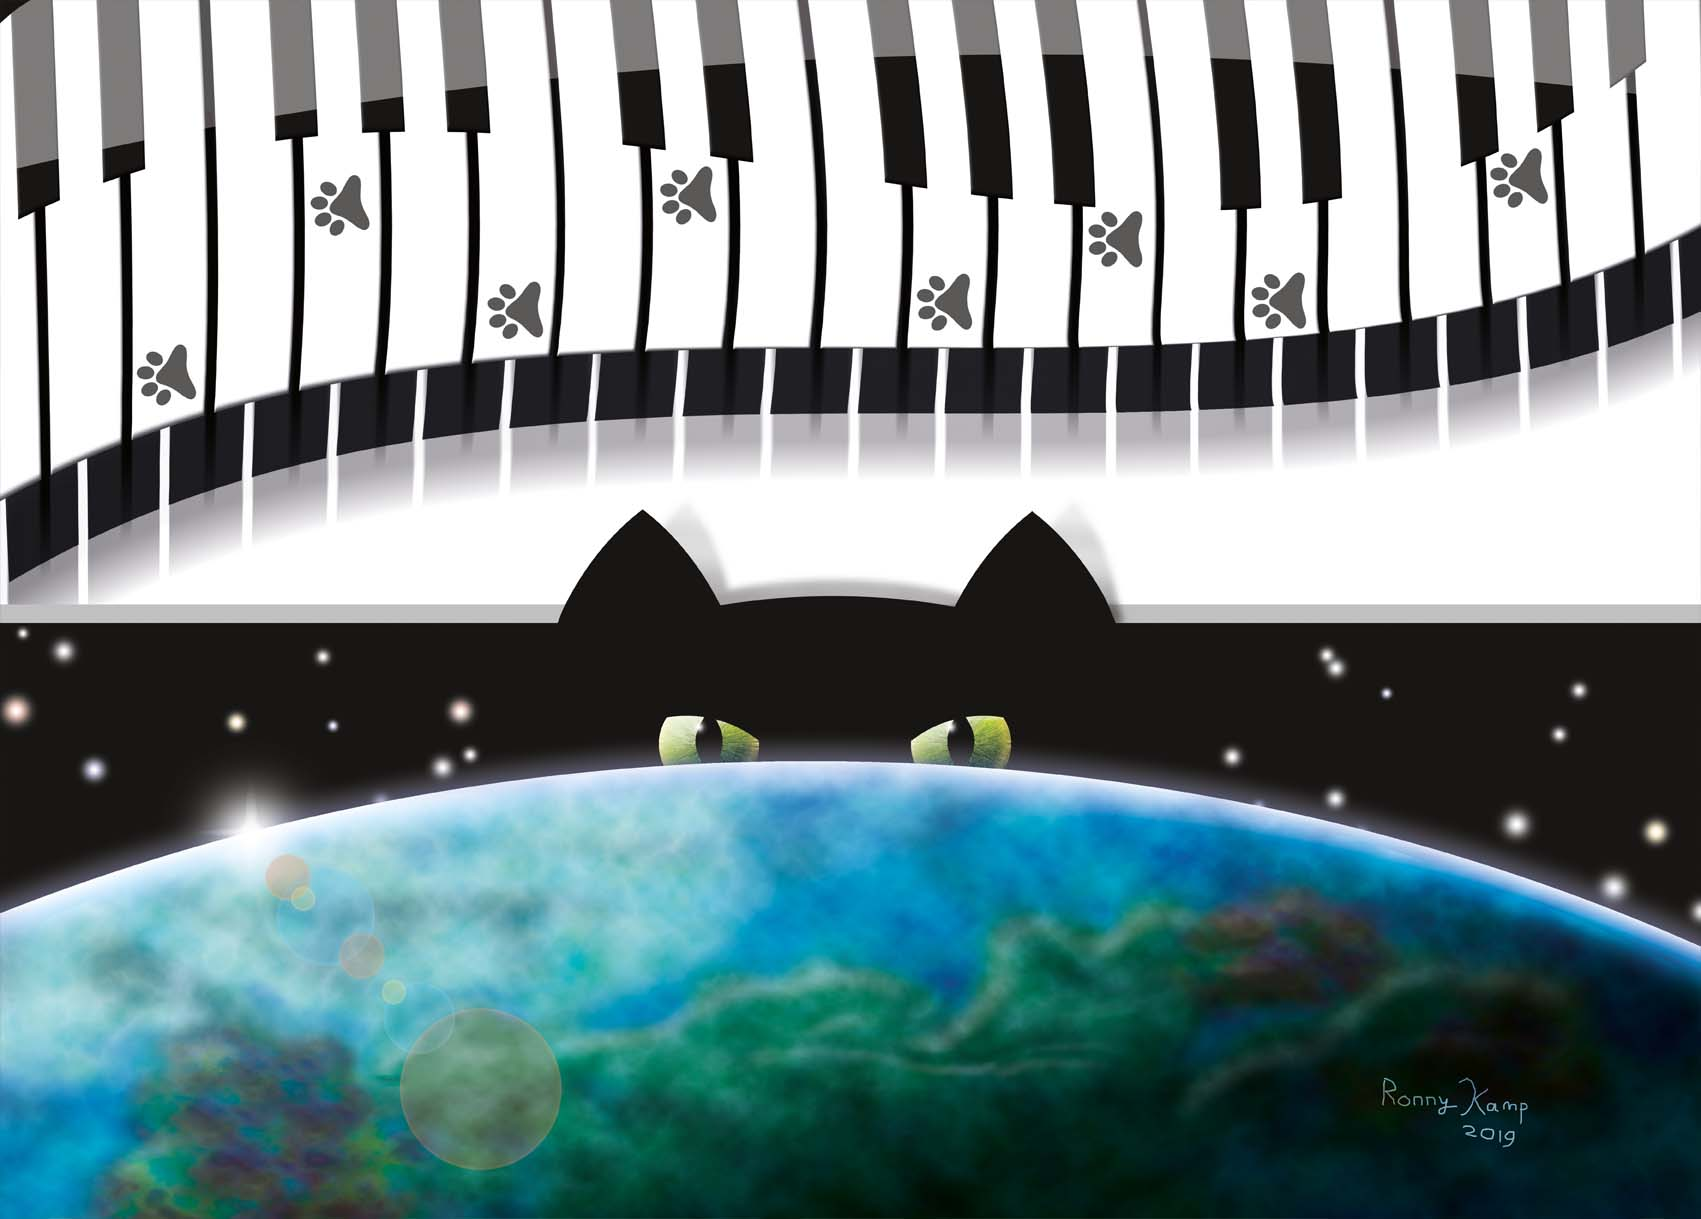 Kat kijkt uit over de wereld na het lopen over een piano. Speelsheid en arrogantie in beeld gebracht.